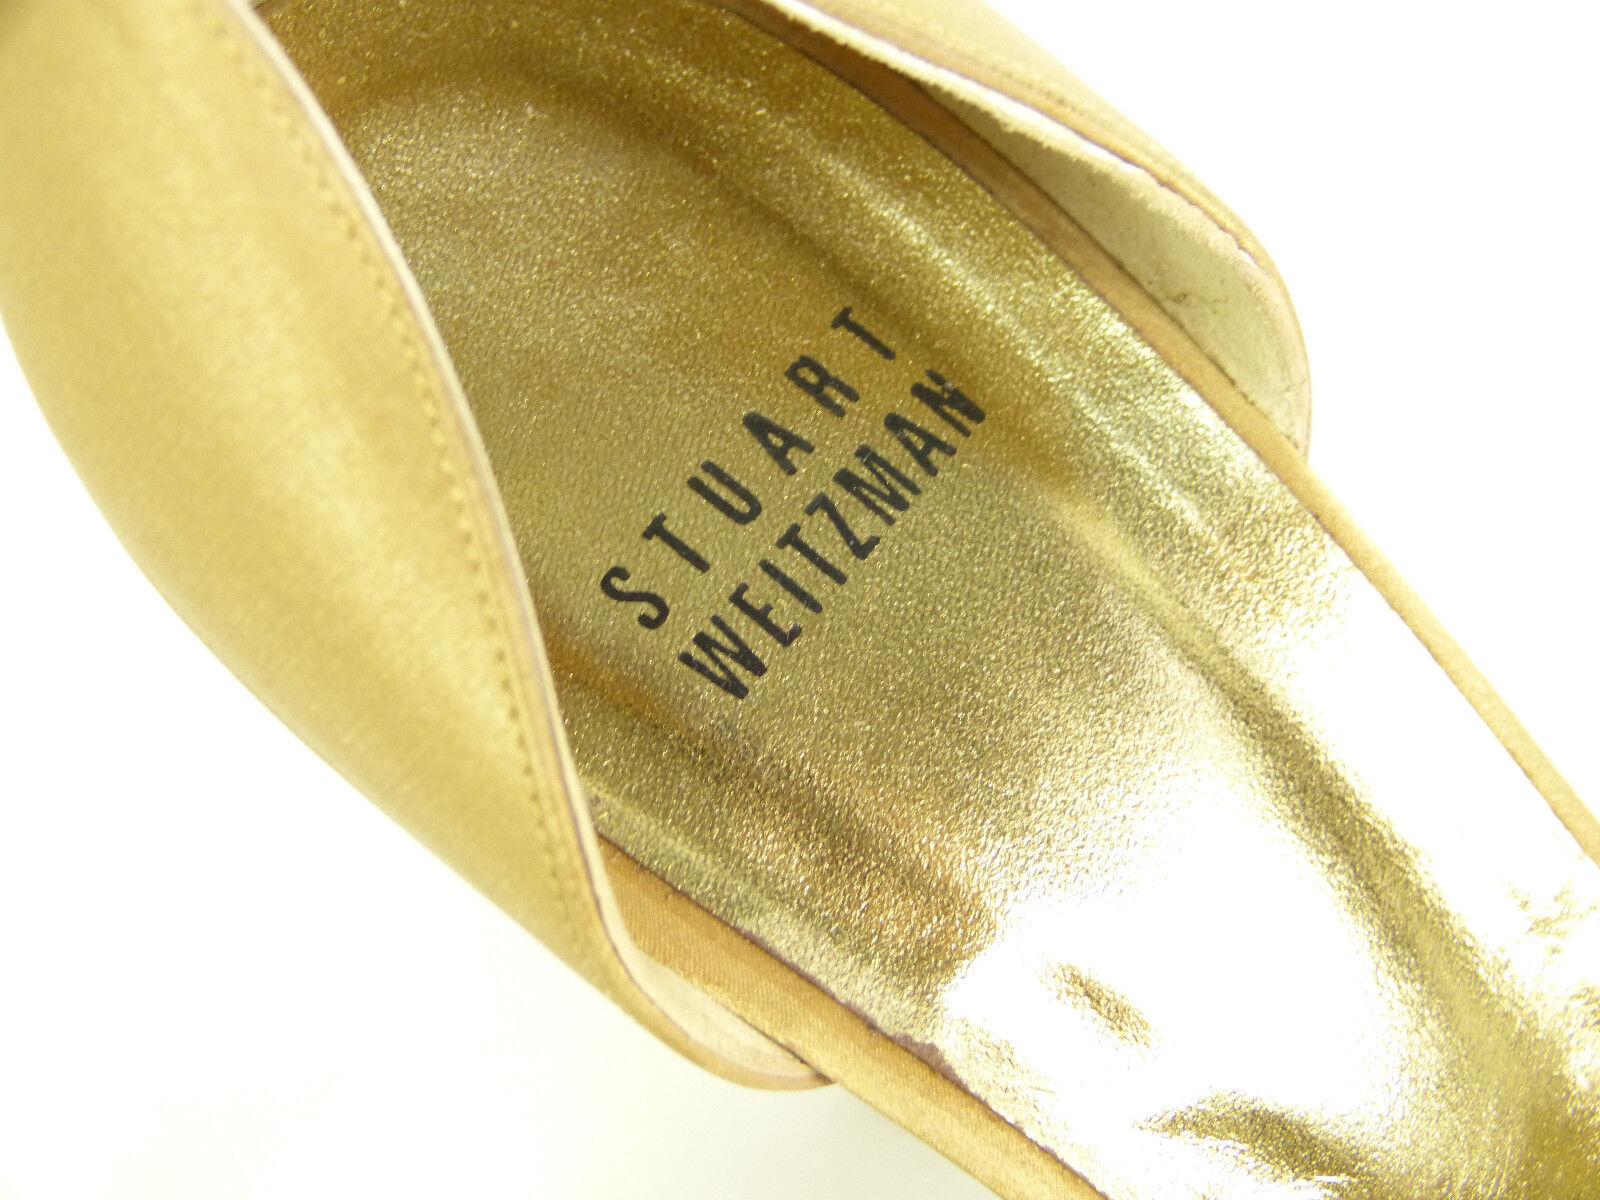 STUART WEITZMAN PUMPS GR 38,5 / BRAUN  MIT STEINCHEN & ELEGANT  BRAUN    ( L 9029 ) 555532